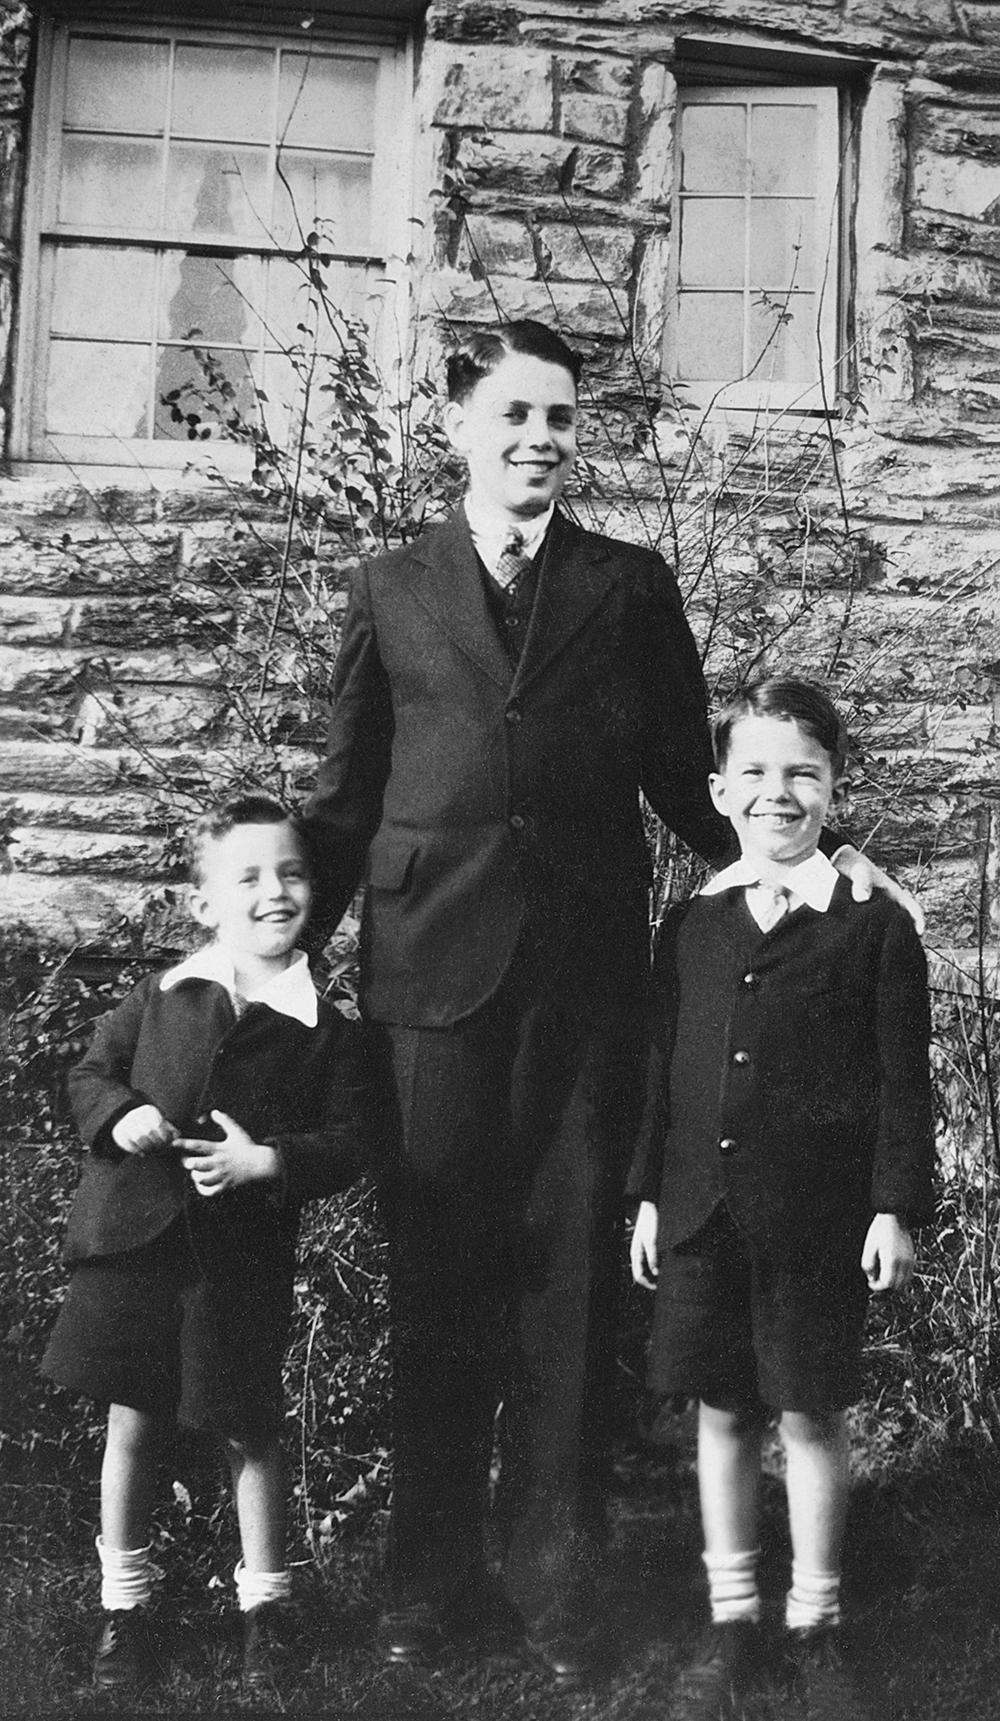 Richard, Buddy and Doug, 1934